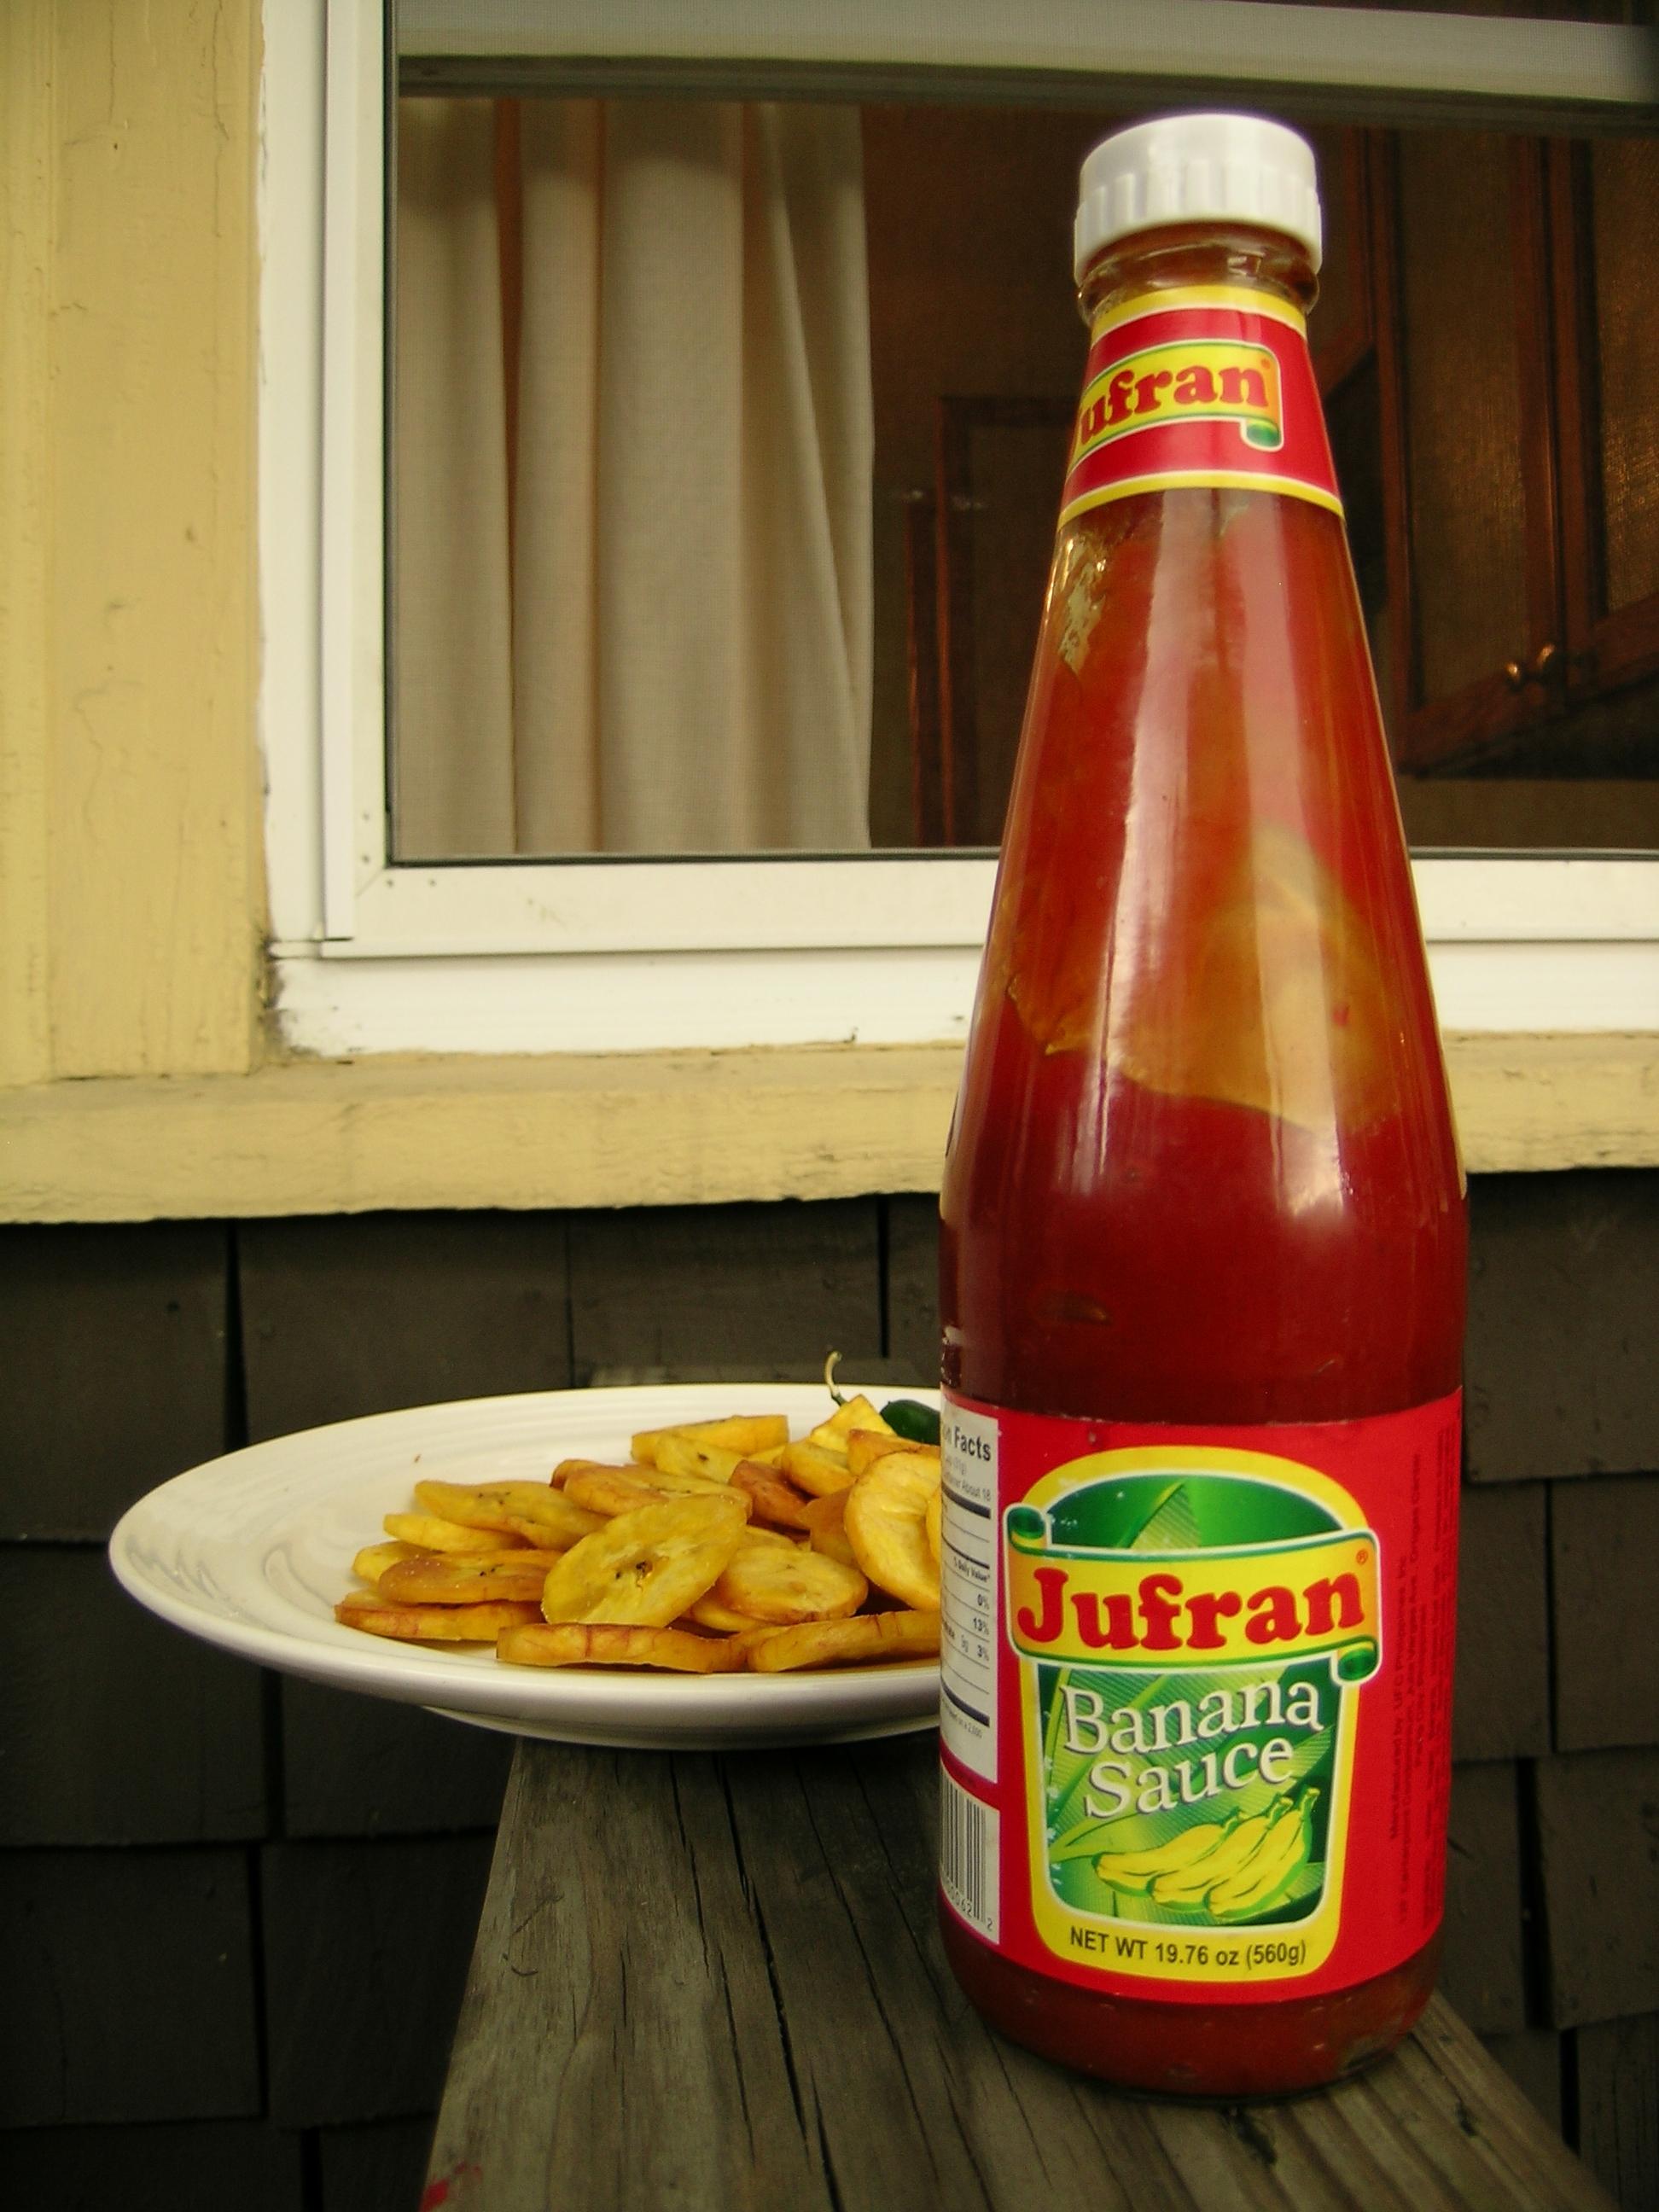 Banana ketchup